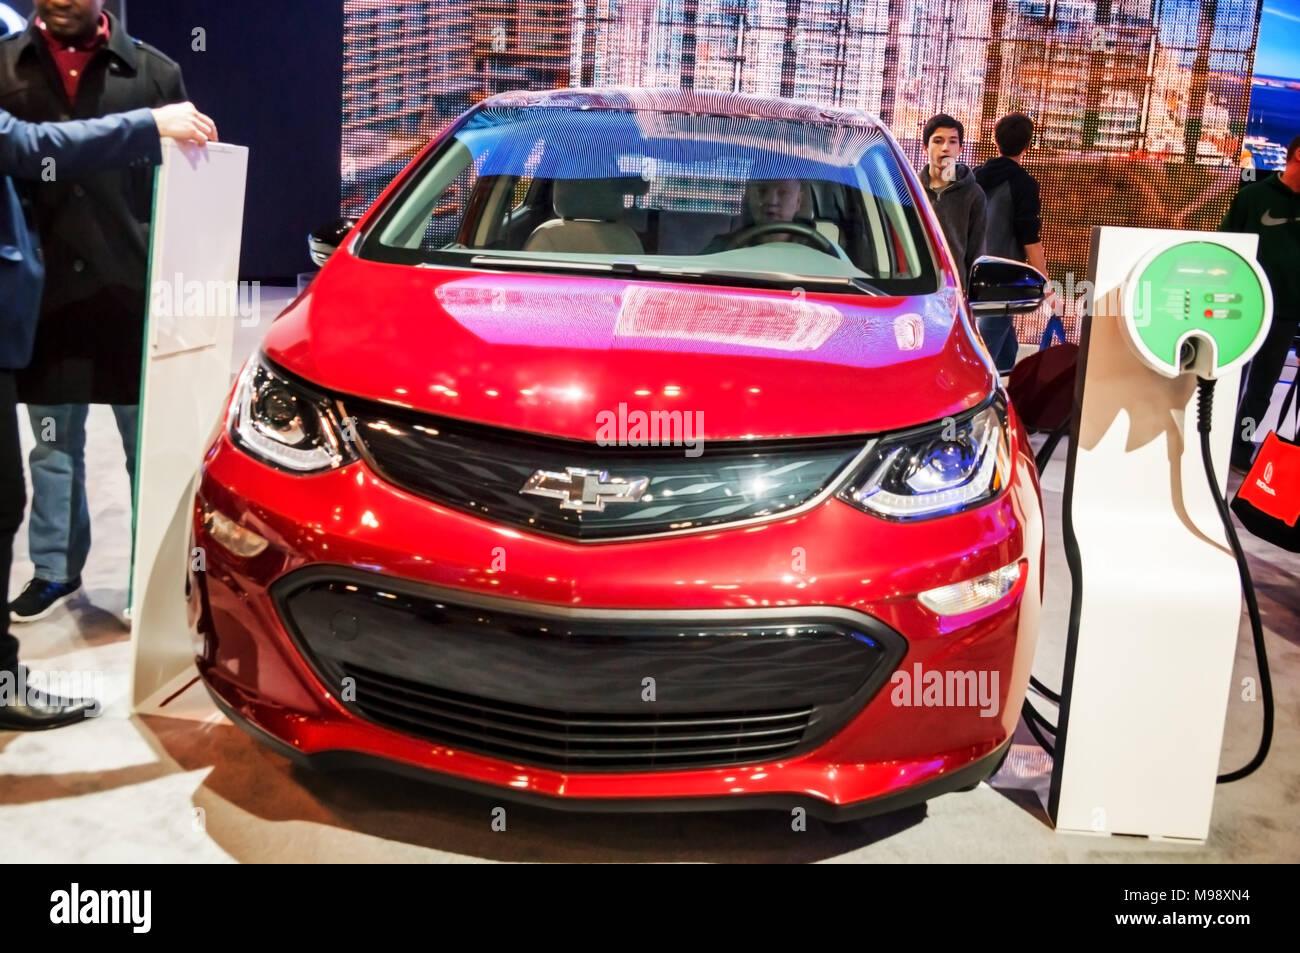 American motors corporation stock photos american motors for General motors electric car